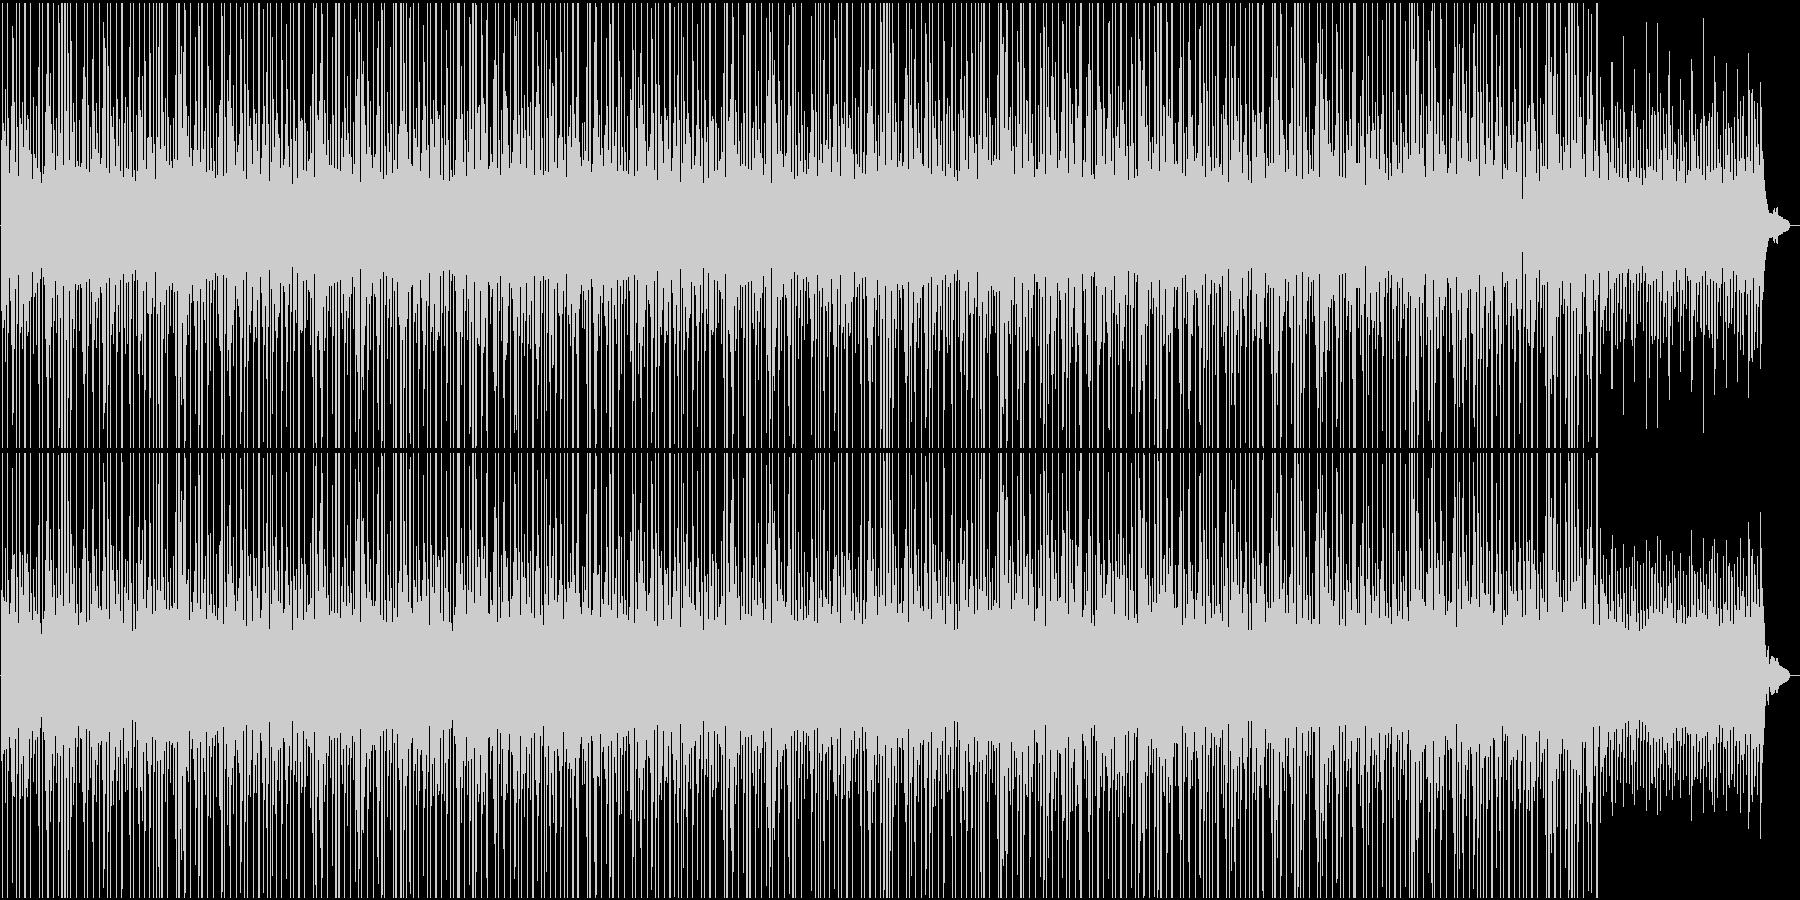 ほのぼのCM向け・チル・ローファイの未再生の波形